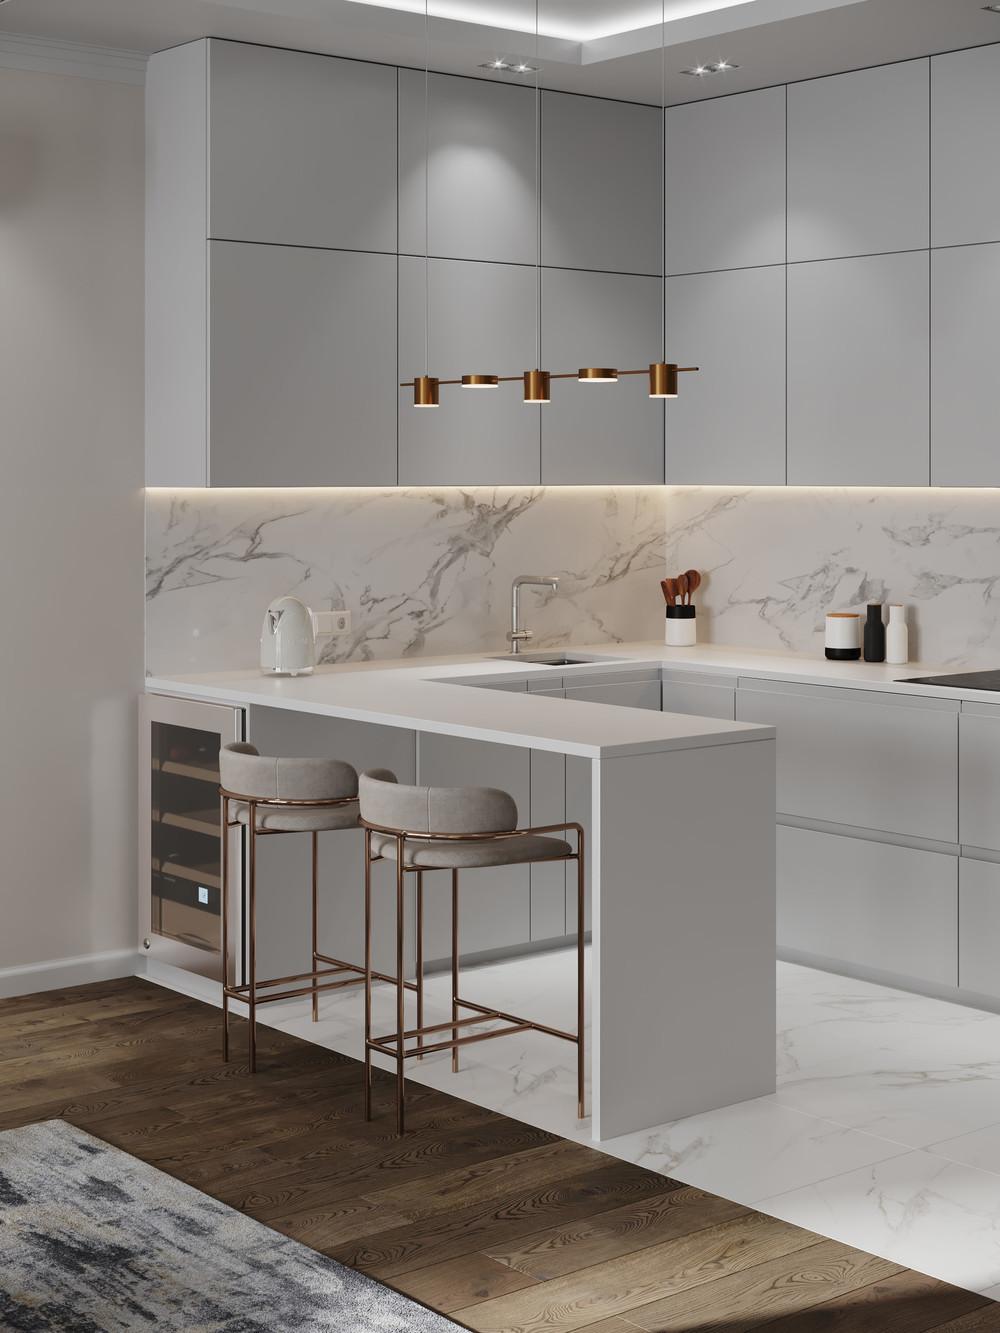 Gemutliche Minimalismus Der Autor Ekaterina Skitsko Wettbewerb Kuche Das Ist In 2020 Minimalist Kitchen Design Luxury Kitchen Modern Kitchen Interior Design Modern